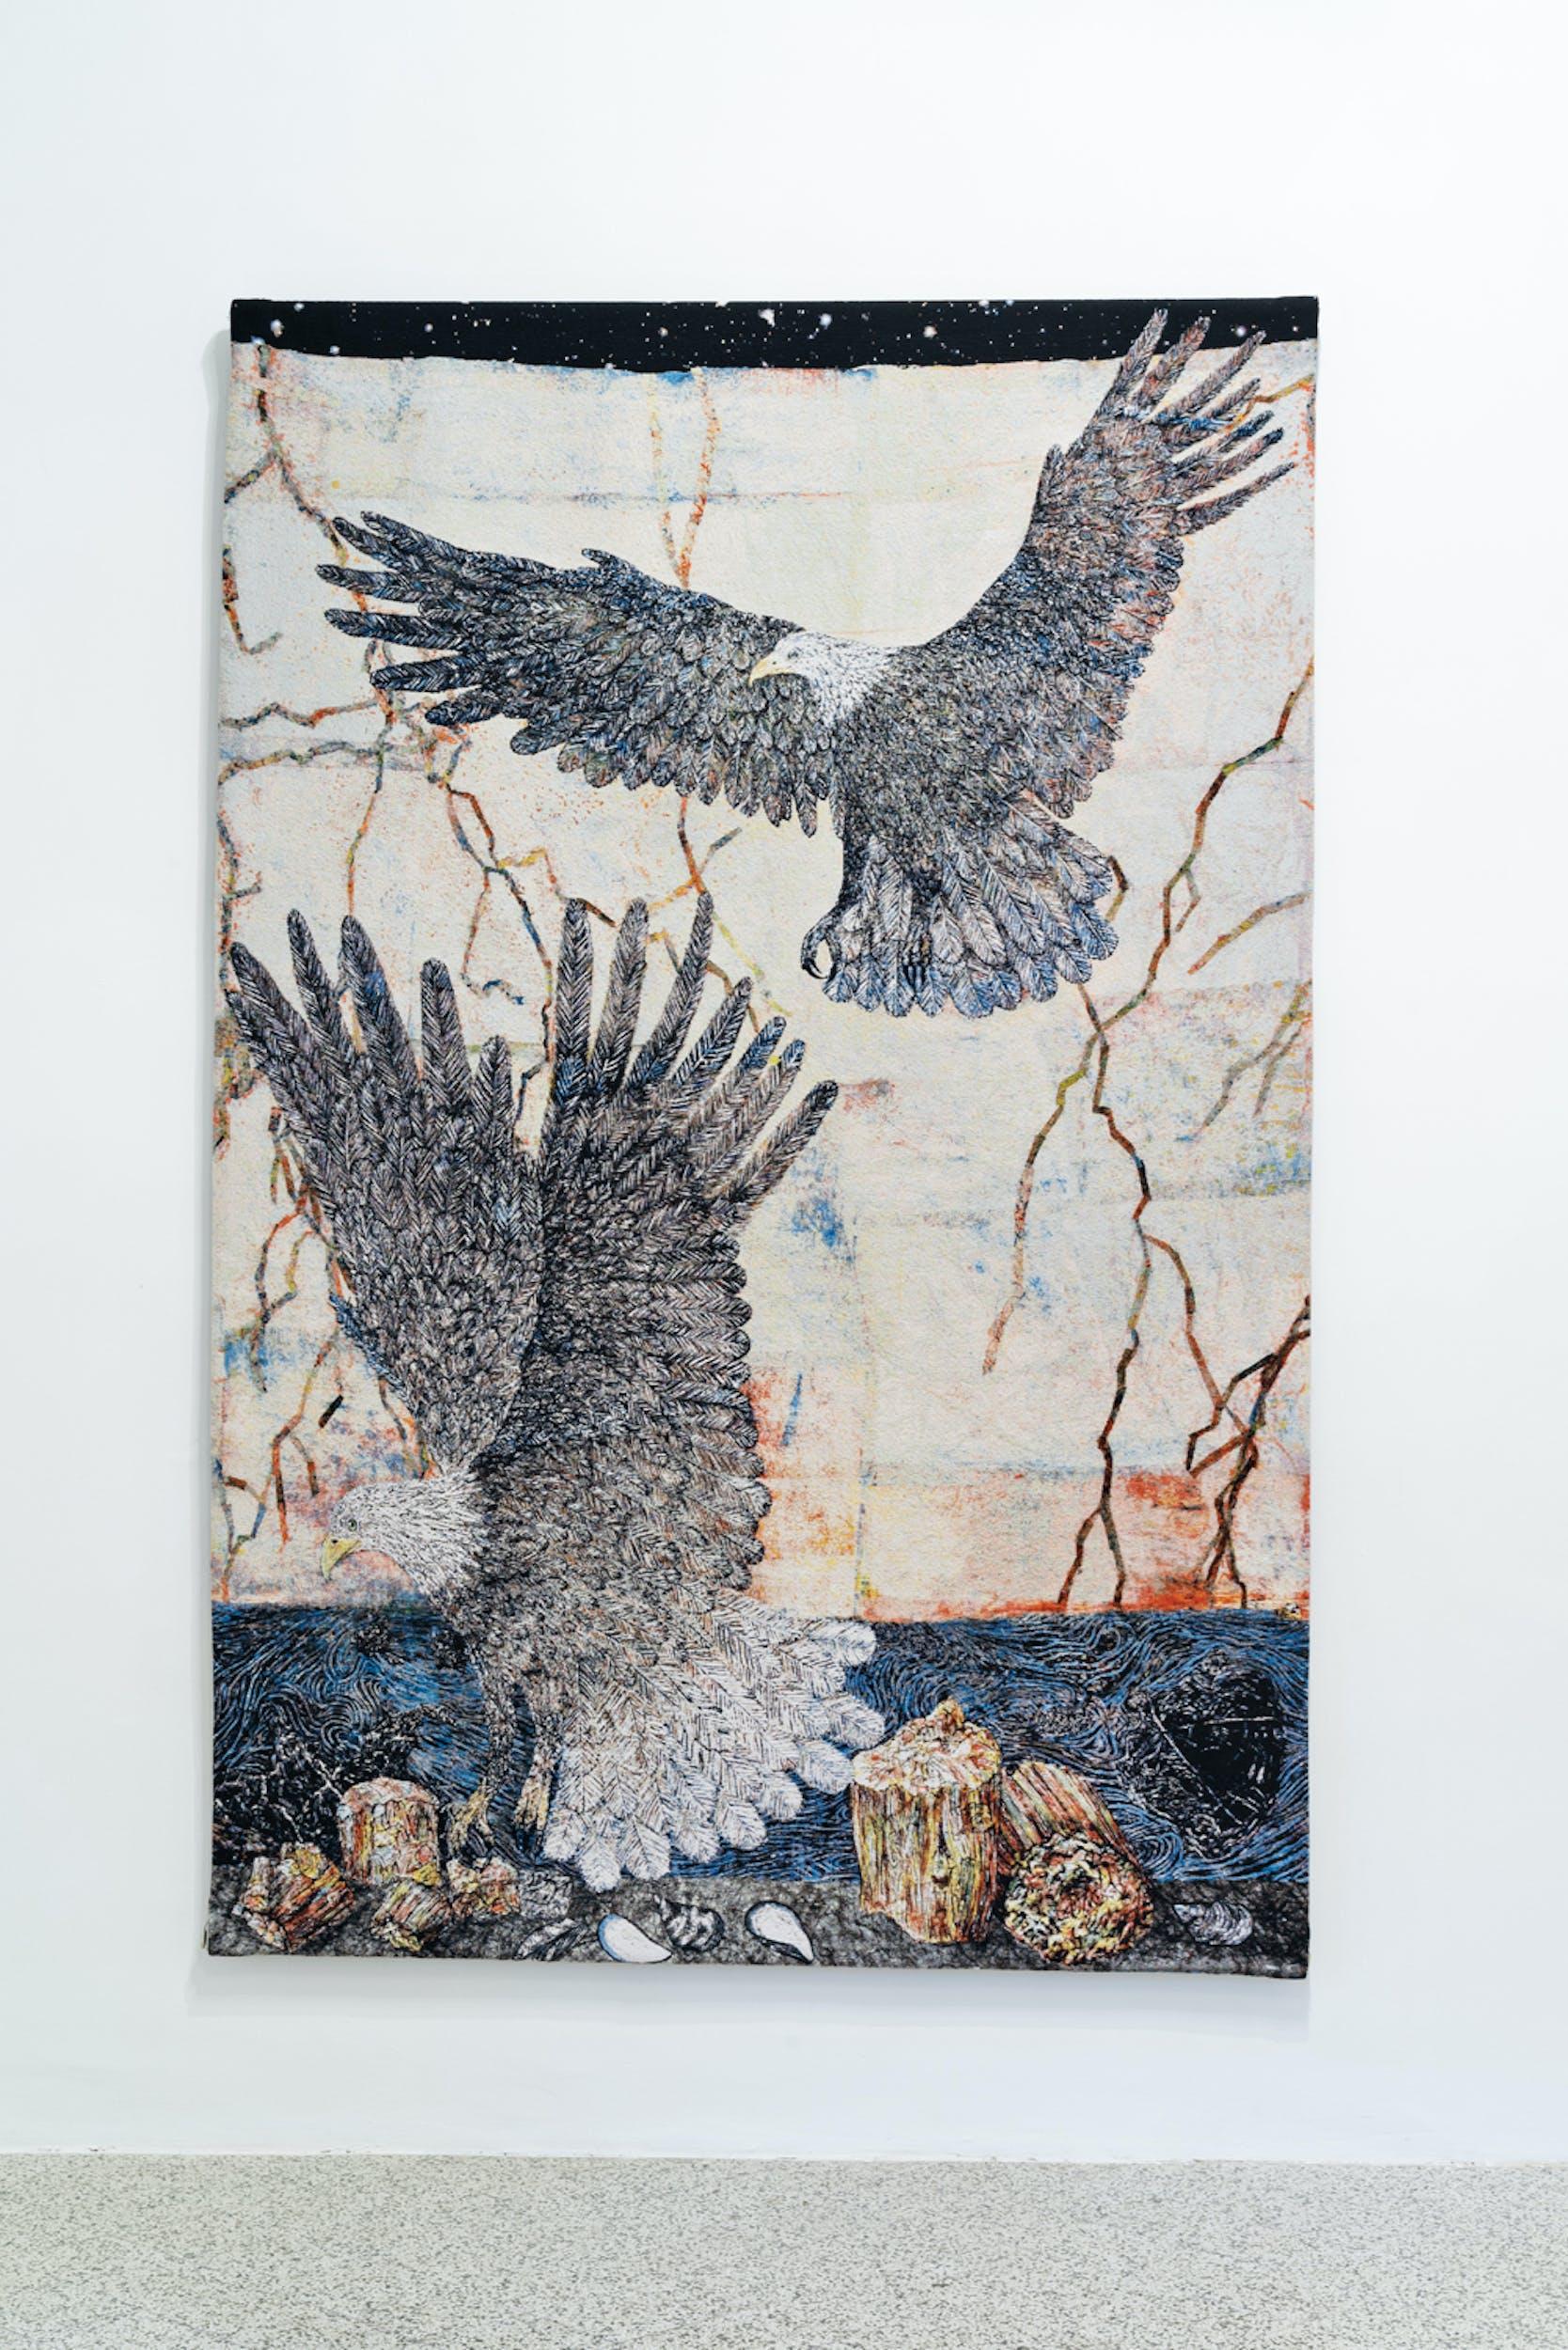 Kiki Smith, Guide 2012 arazzo jacquard (edizione di 10) Edito da Magnolia Editions © Kiki Smith 2012, courtesy dell'artista e di GALLERIA CONTINUA, San Gimignano / Beijing / Les Moulins / Habana